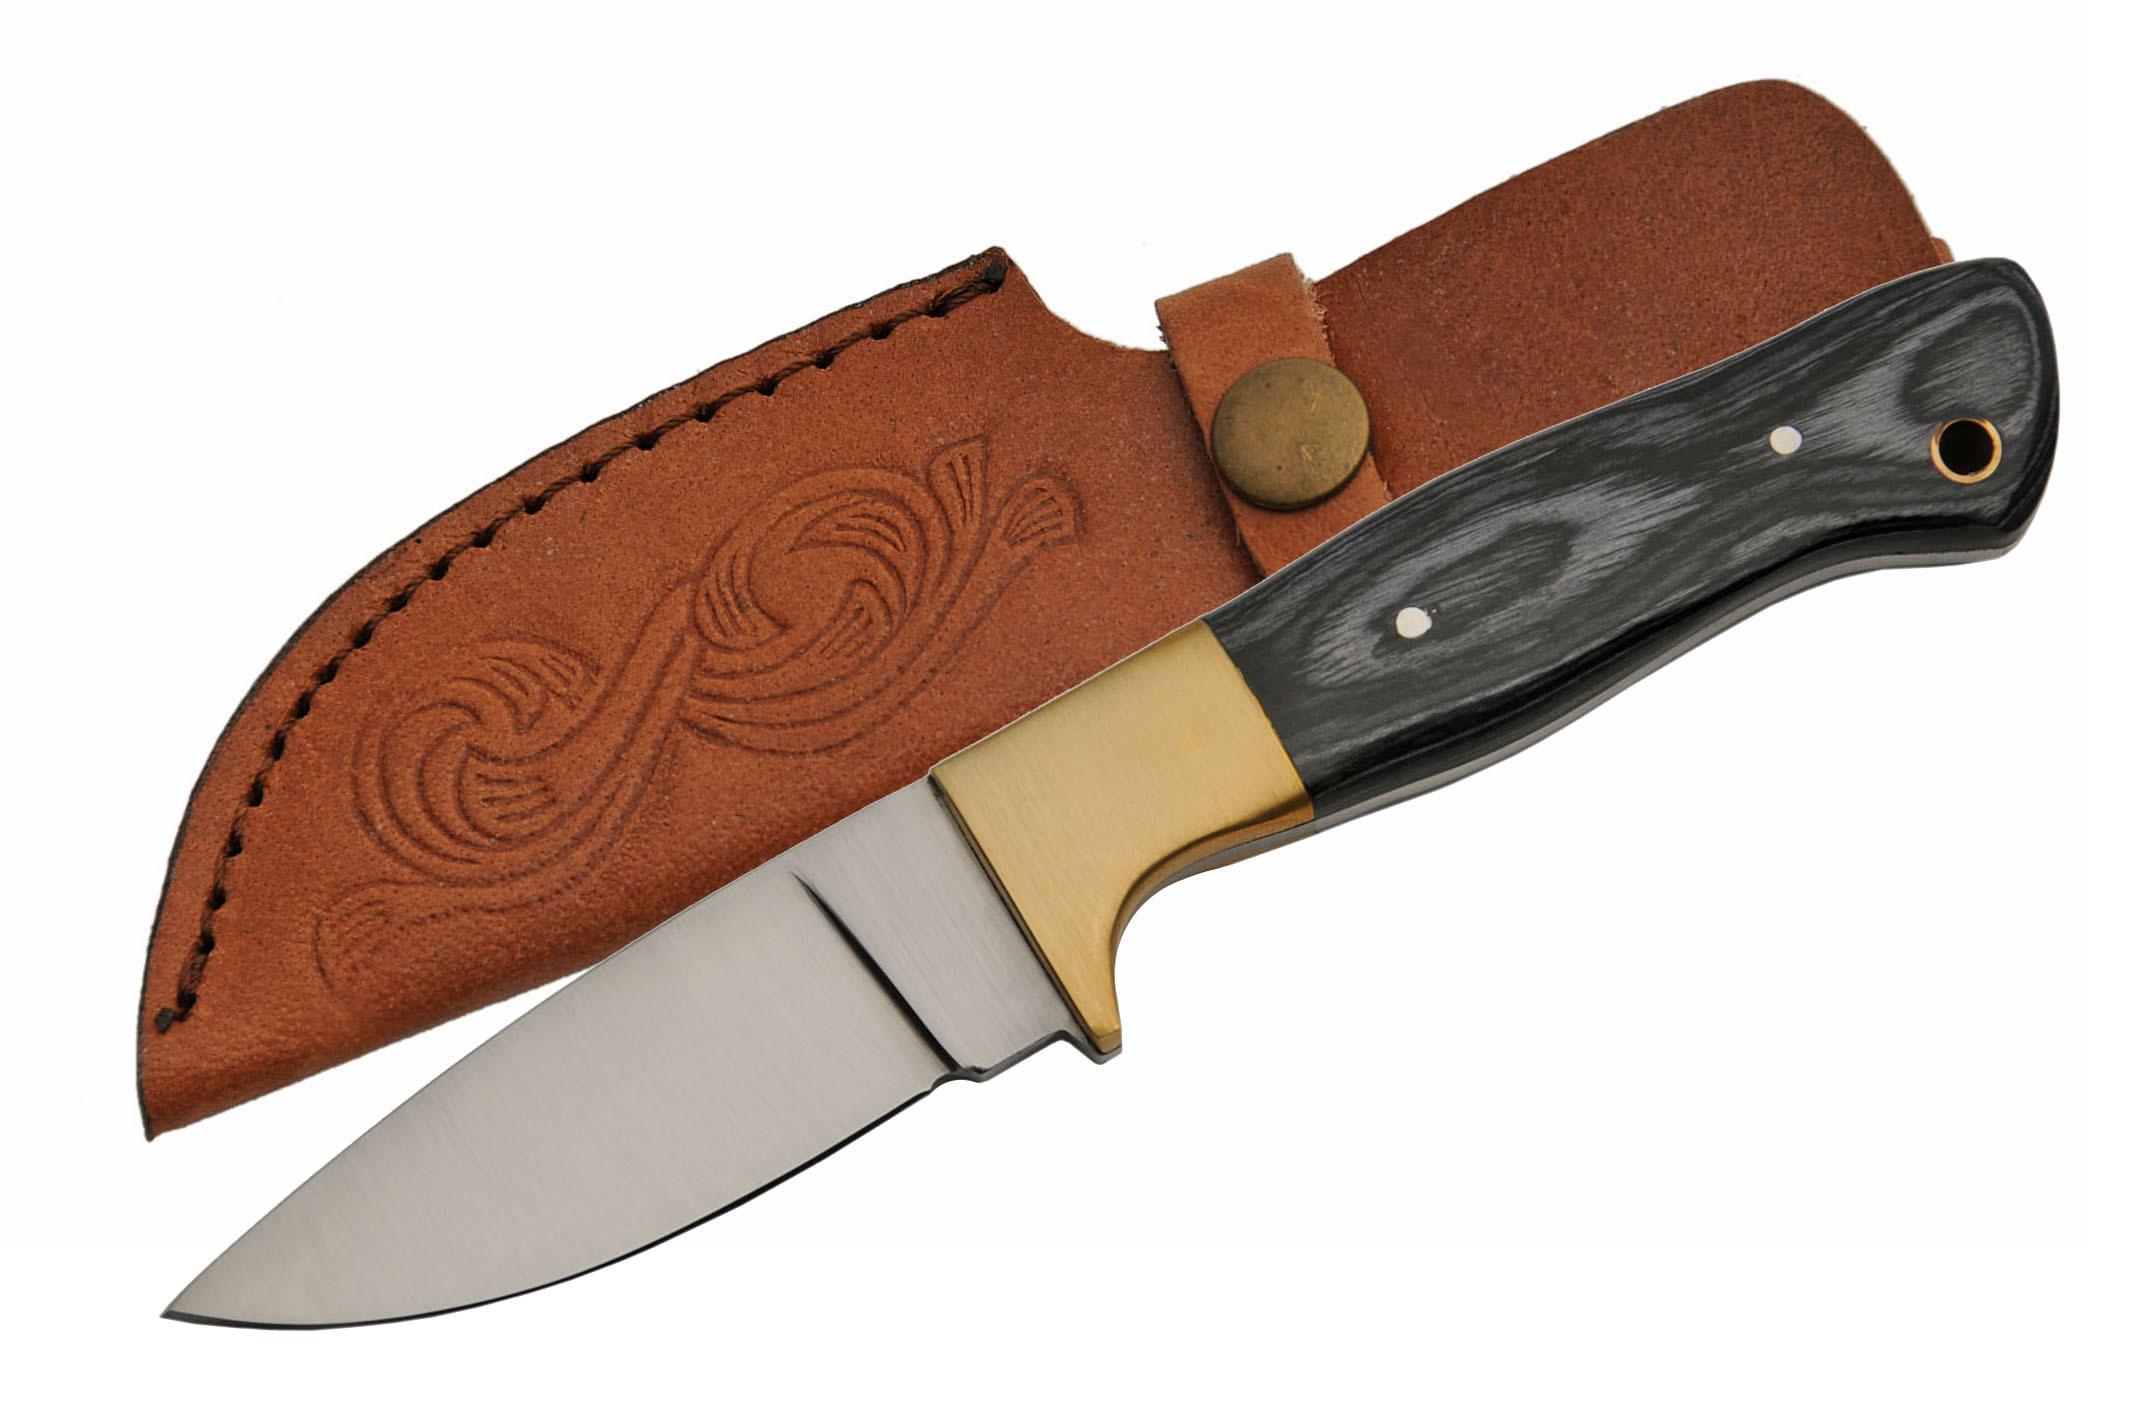 Hunting Knife Clip Point Skinner Blade Full Tang 8